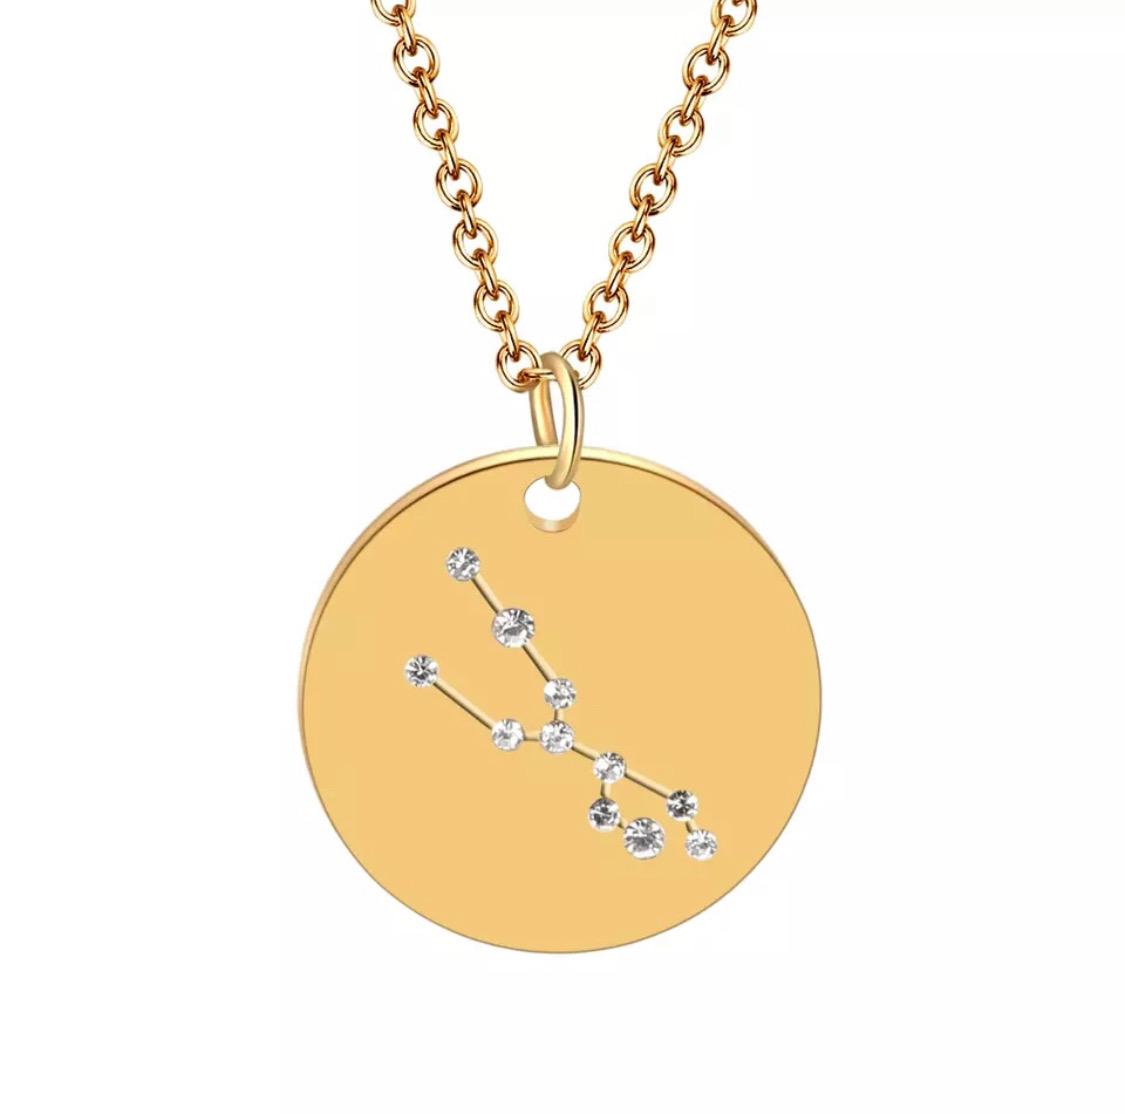 prix bas Braderie prix raisonnable Collier constellation signe astrologique taureau